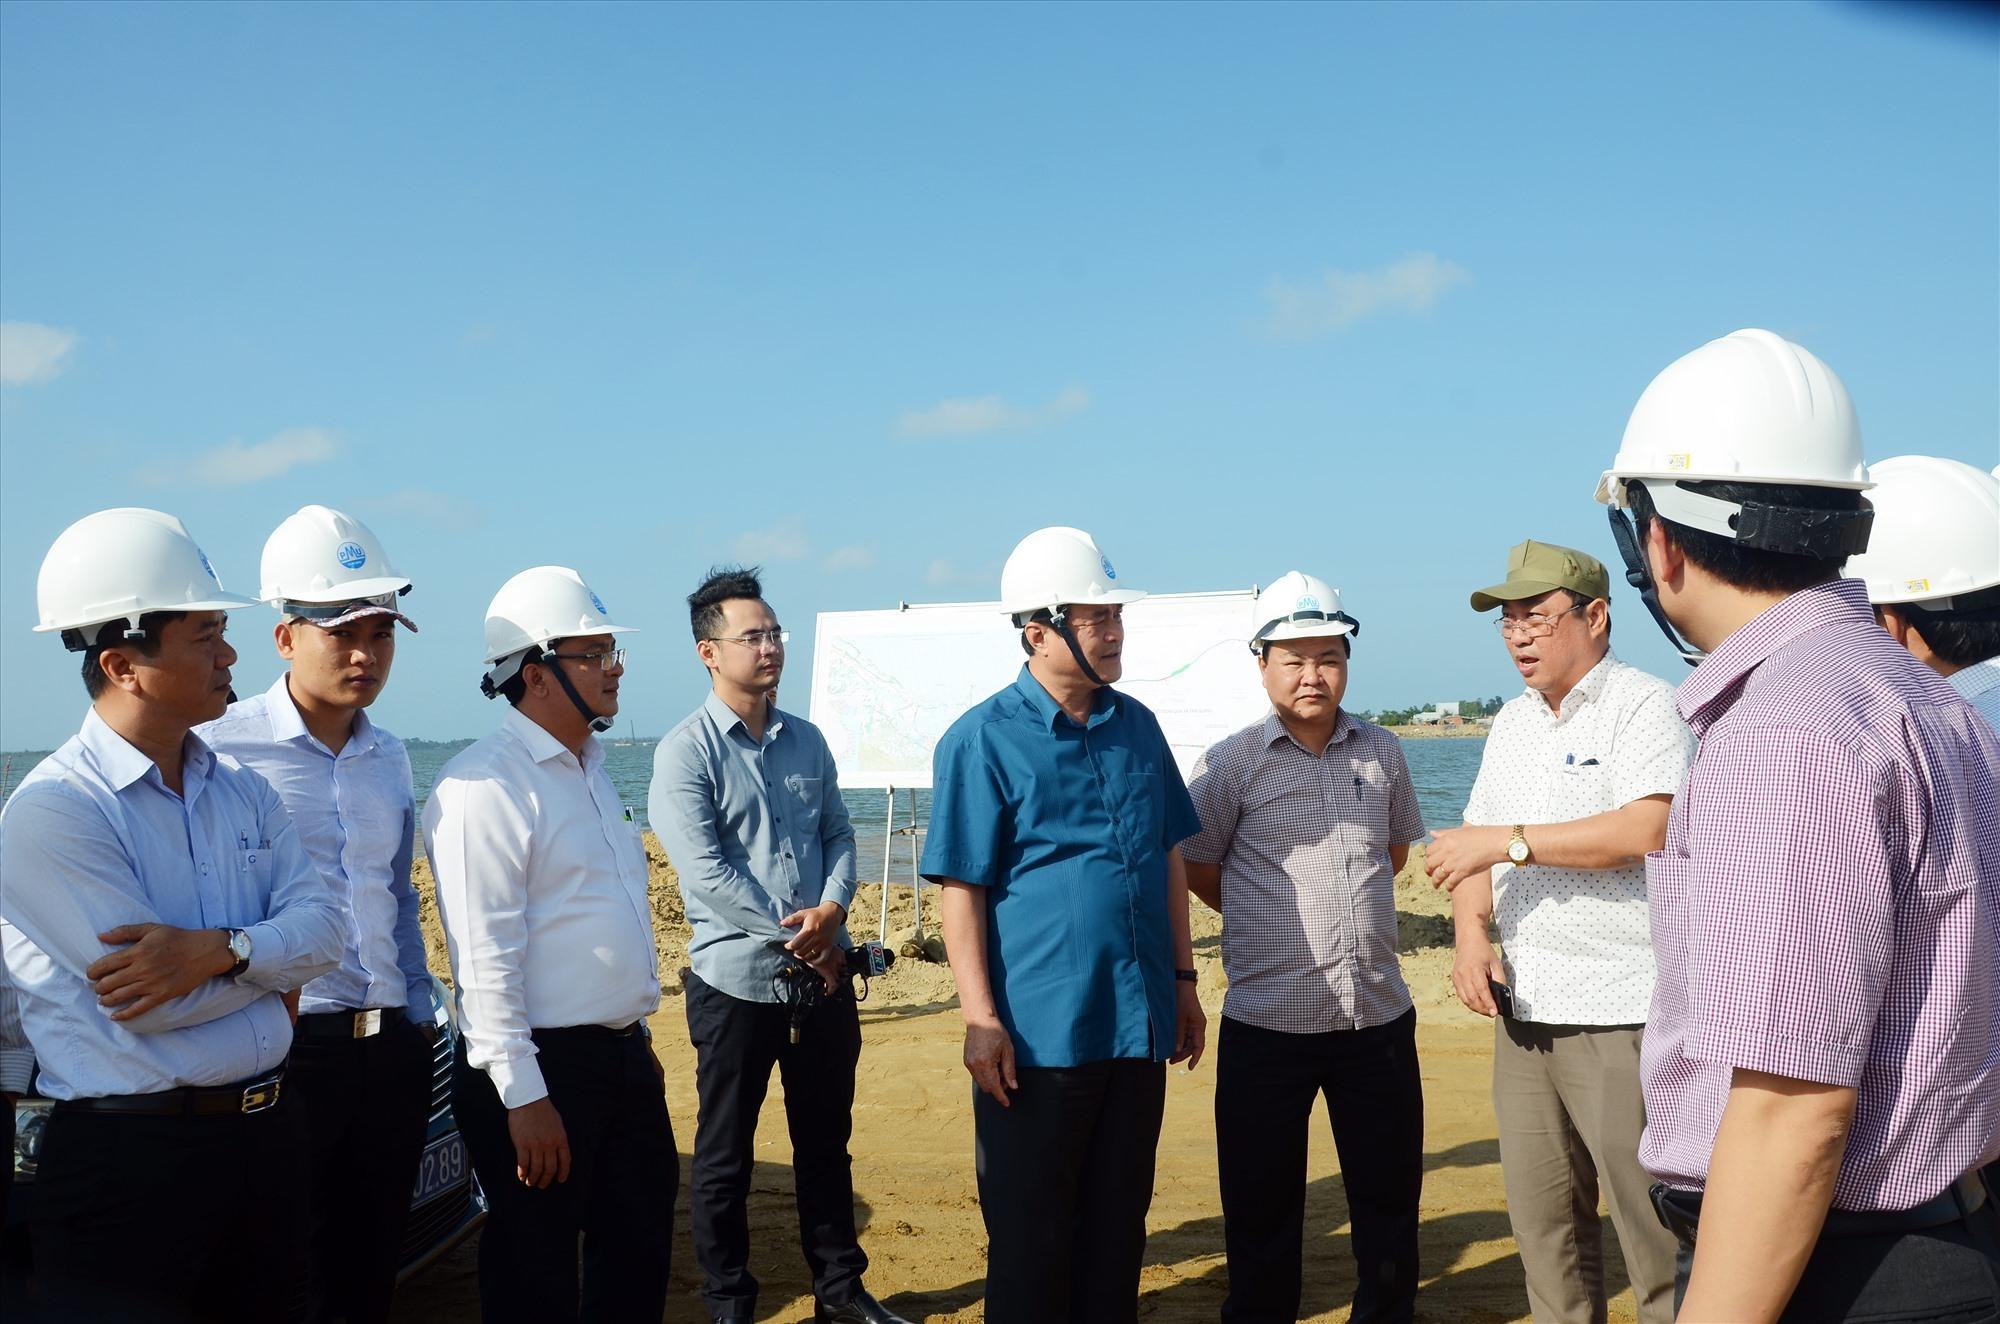 Bí thư Tỉnh ủy Phan Việt Cường kiểm tra tiến độ dự án đường Võ Chí Công qua huyện Núi Thành. Đây là một trong những dự án giao thông trọng điểm ở vùng đông của tỉnh. Ảnh: H.P